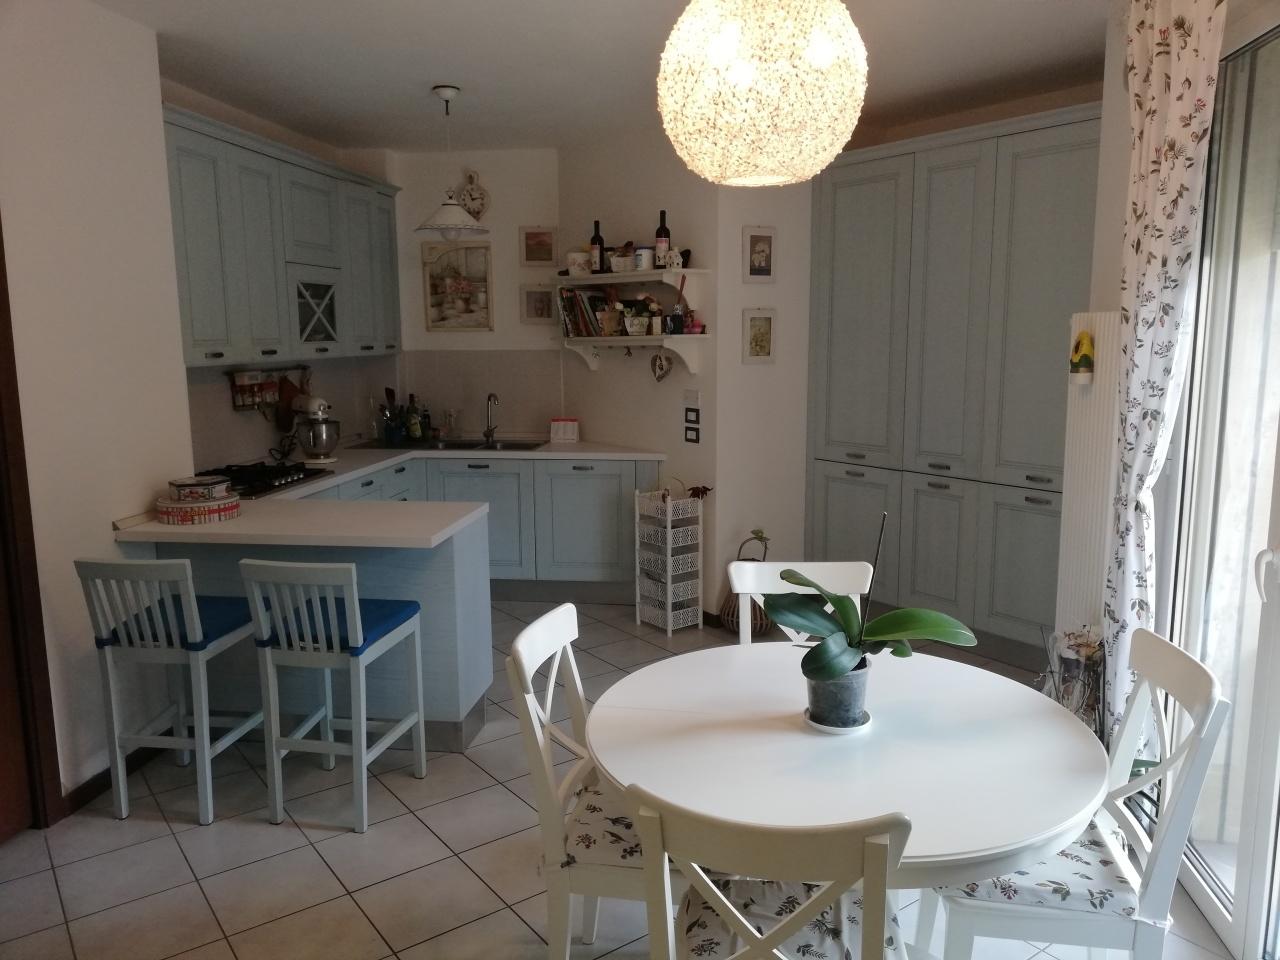 Foto 1 di Appartamento Via Cella Rossa 4, Coriano